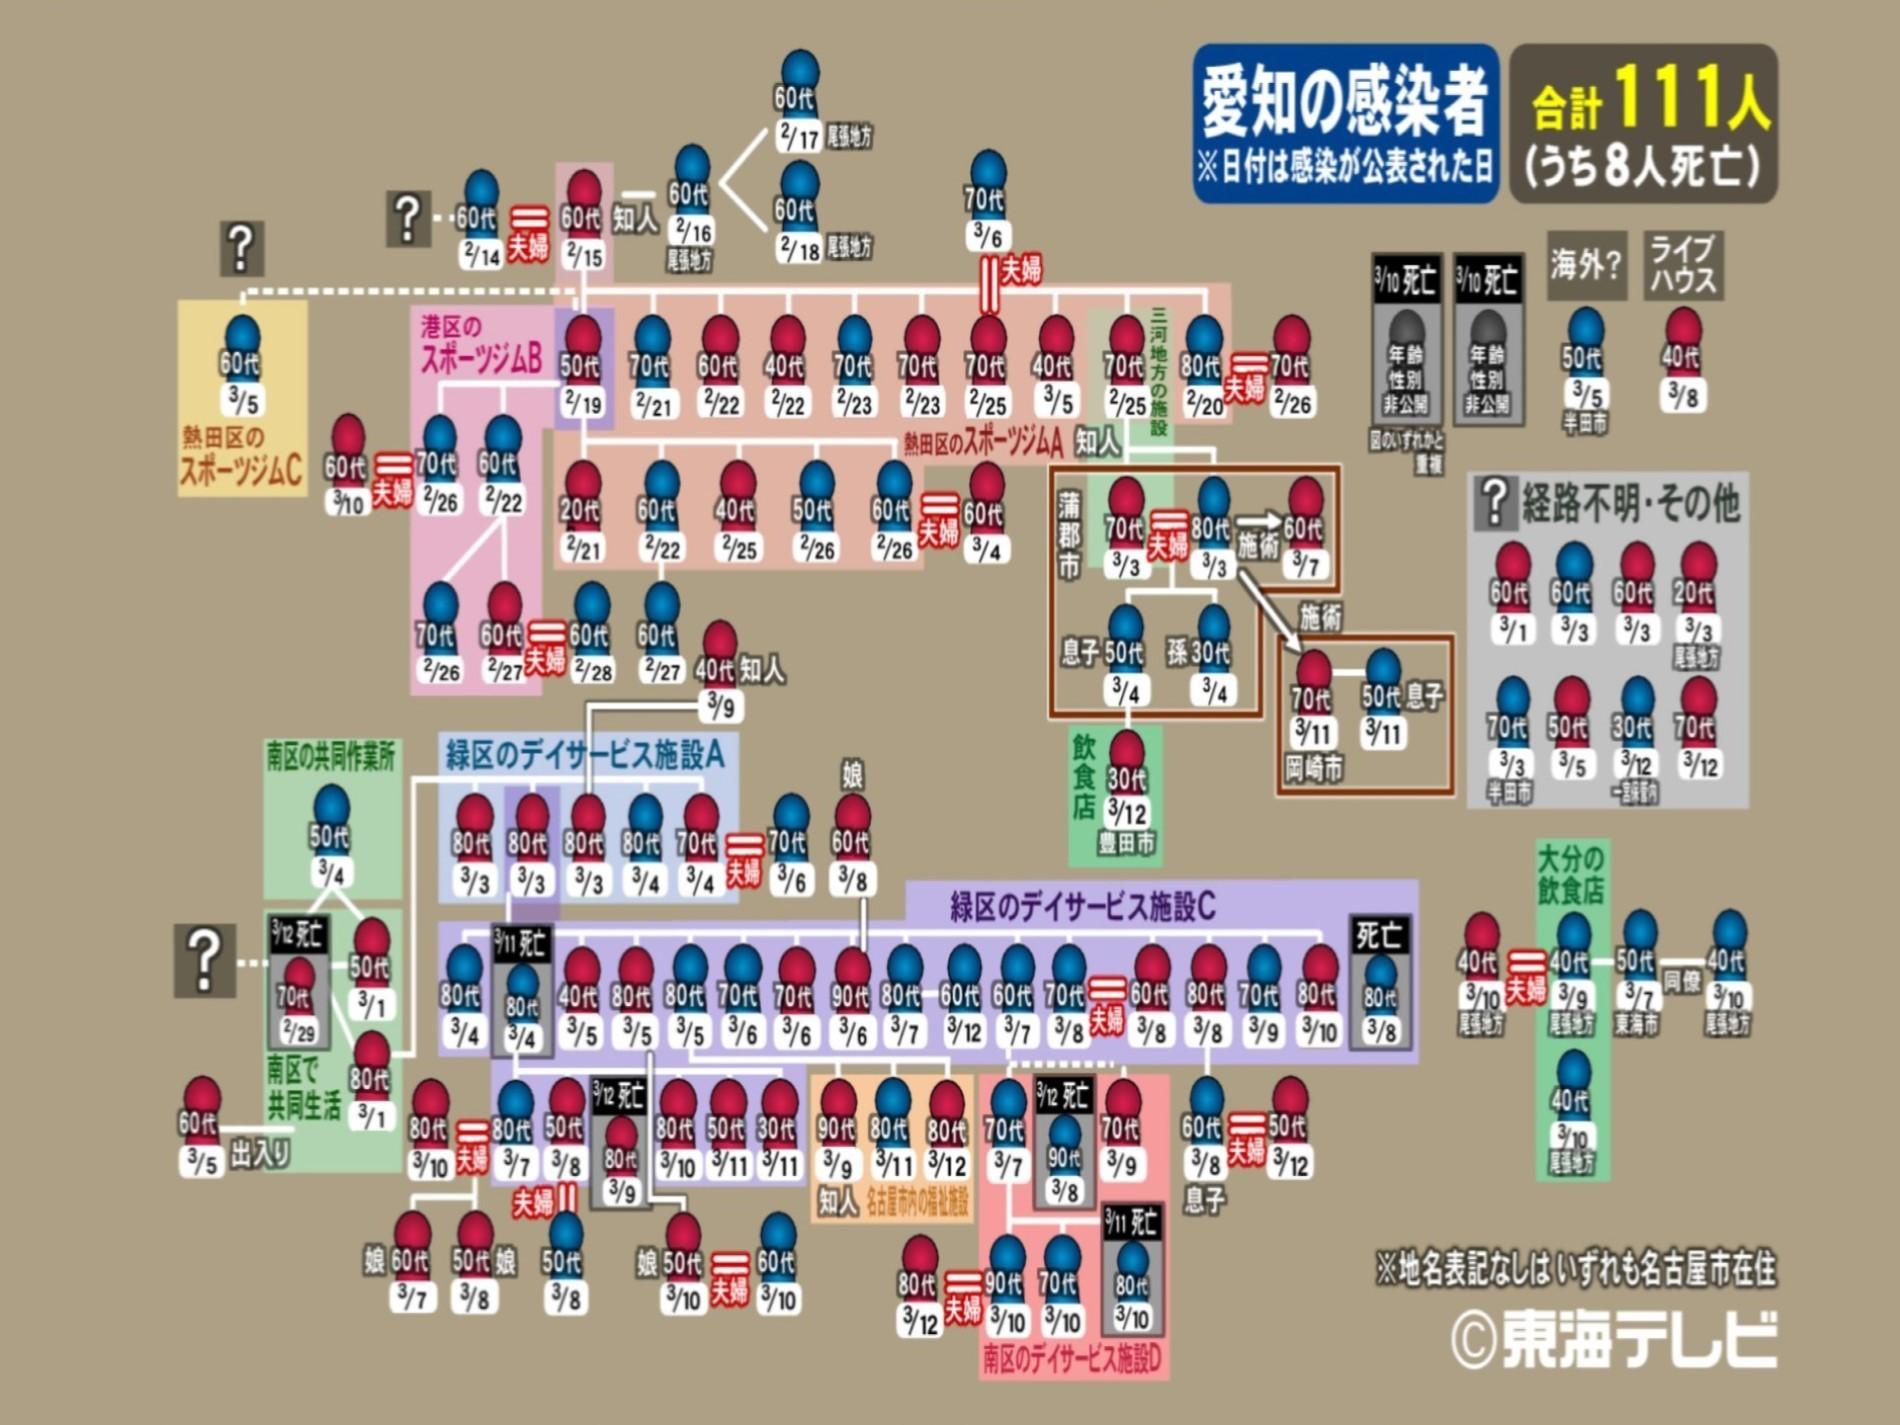 コロナ 感染 者 数 愛知 県